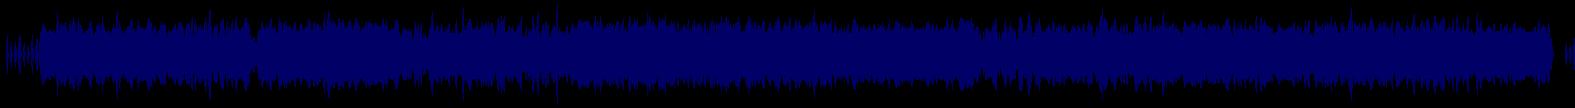 waveform of track #79024